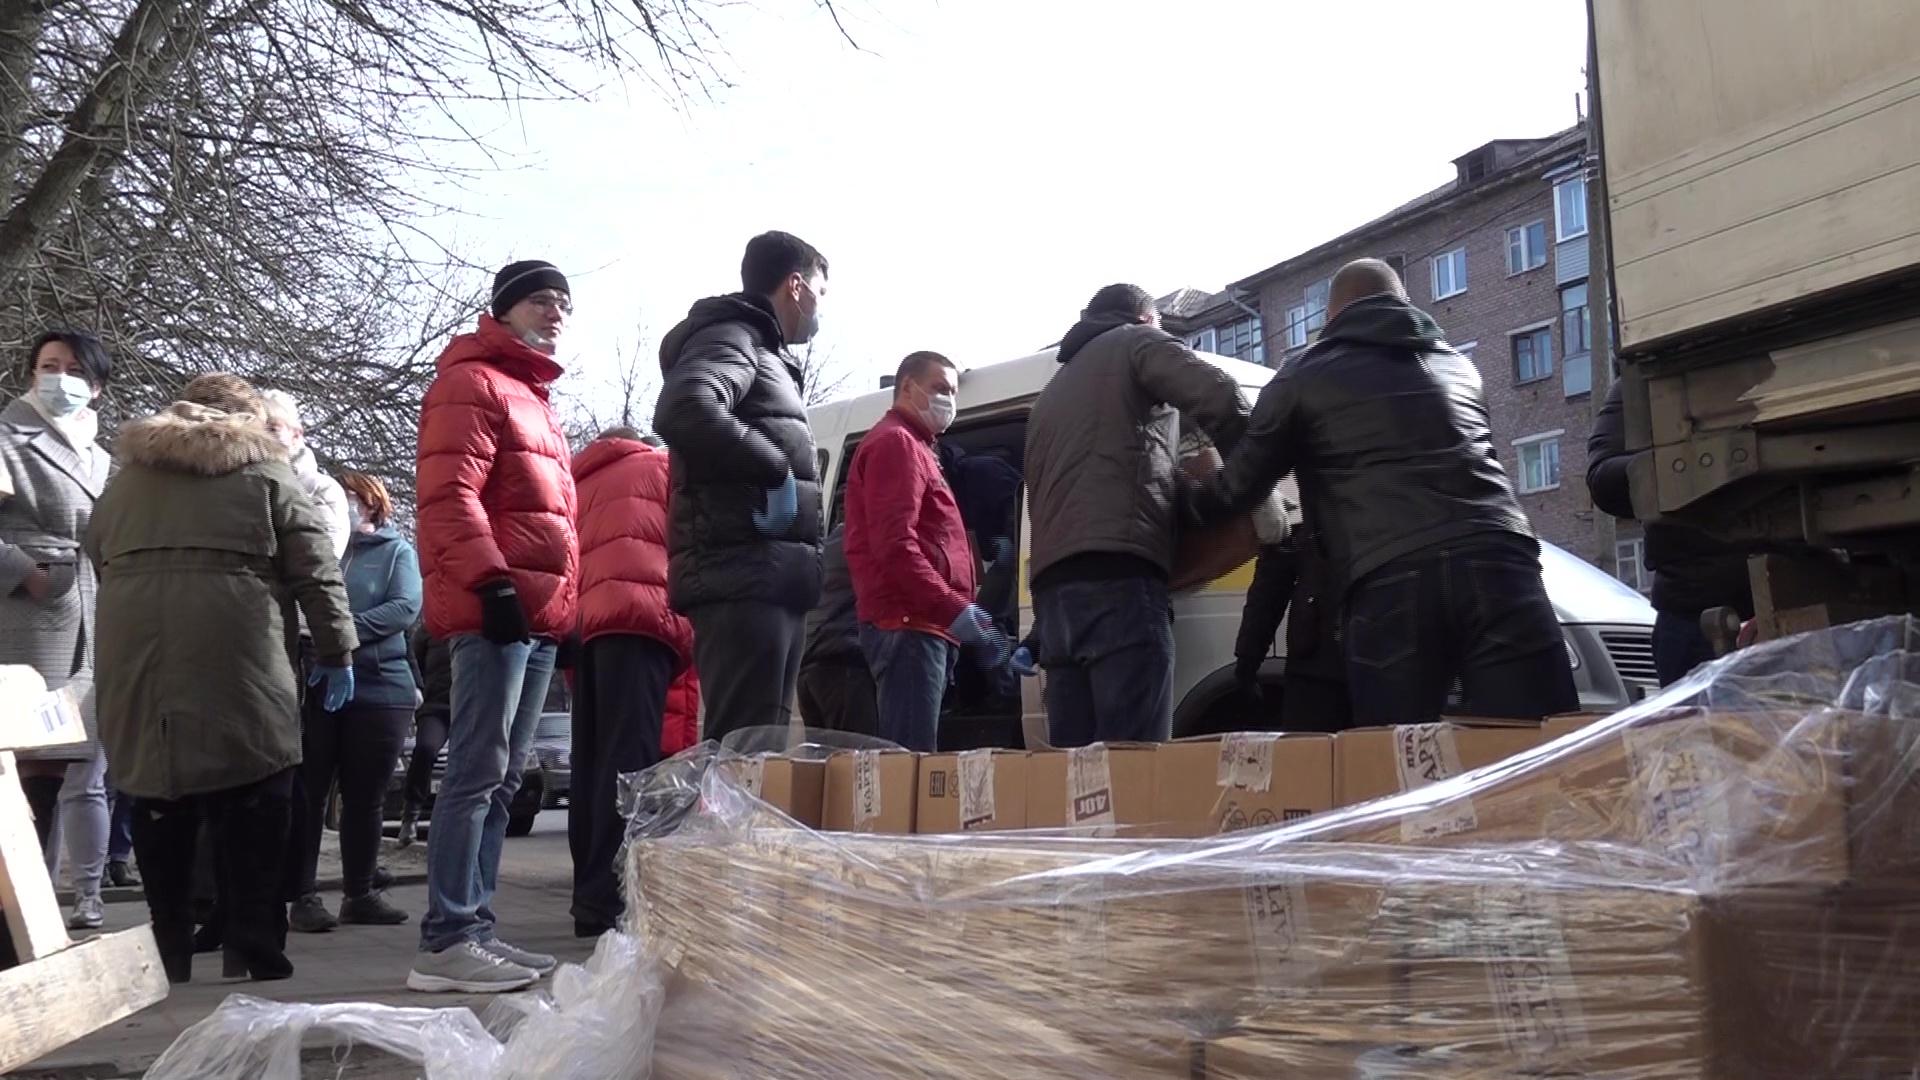 Овощи, пельмени и мороженое – в Ярославской области организована помощь многодетным семьям